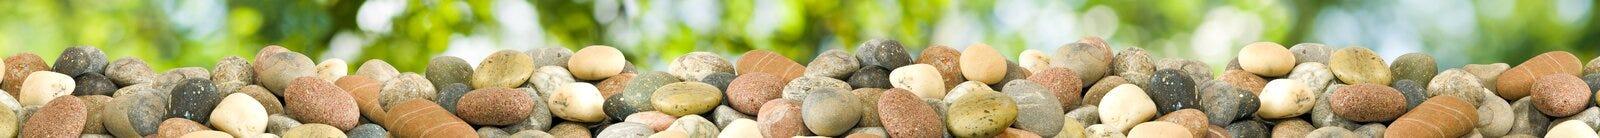 Камни на зеленой предпосылке панорама Стоковые Изображения RF